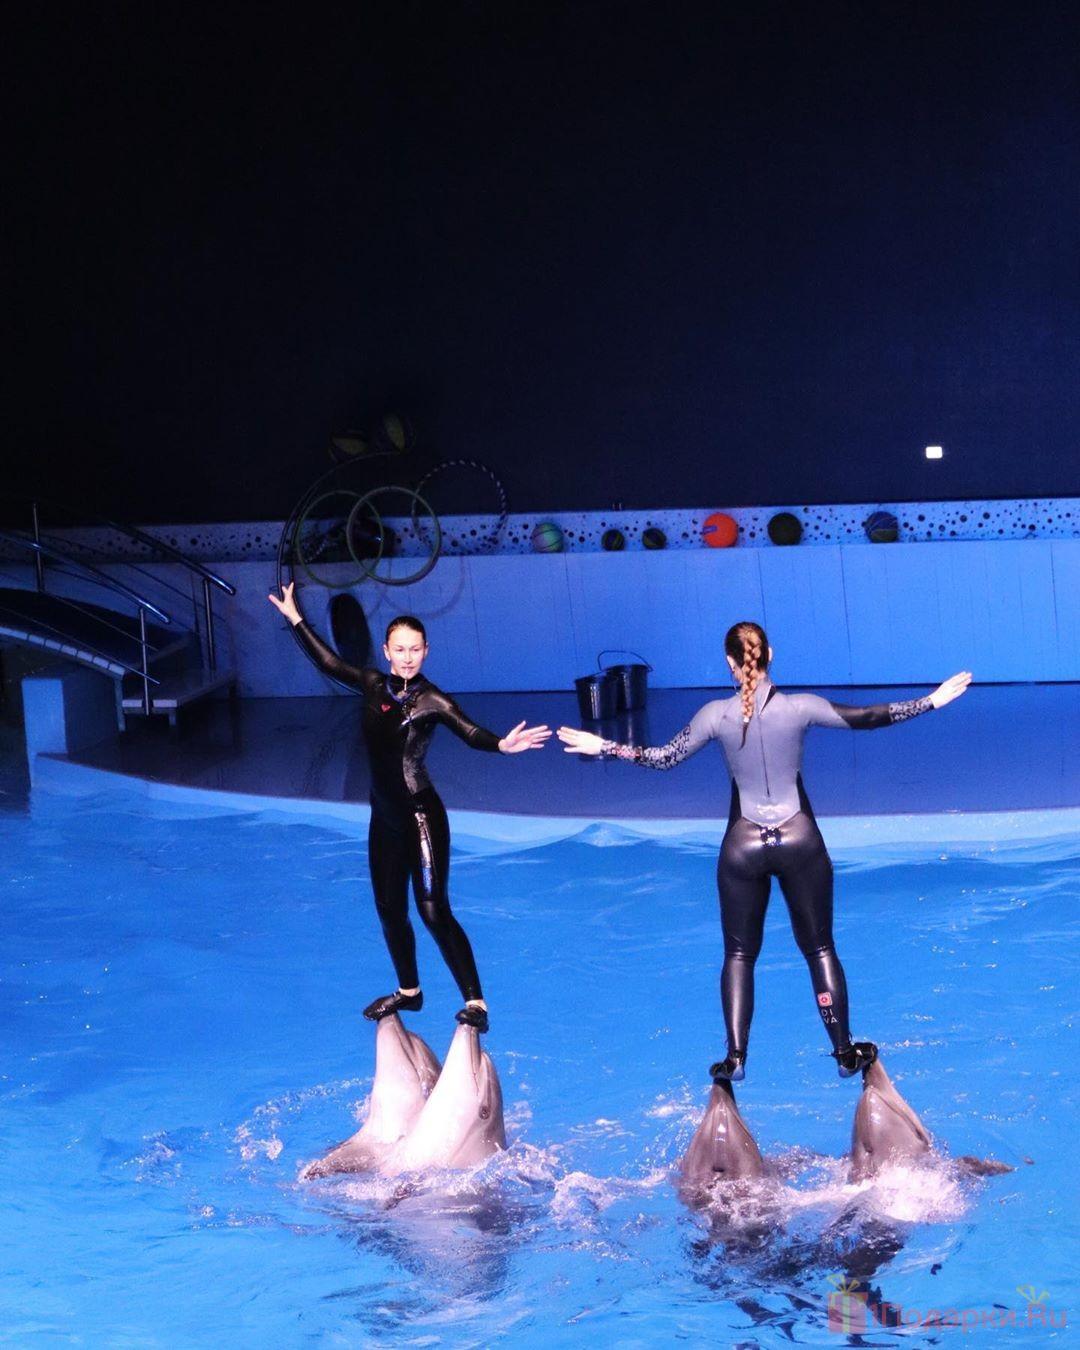 подарить поход в дельфинариум